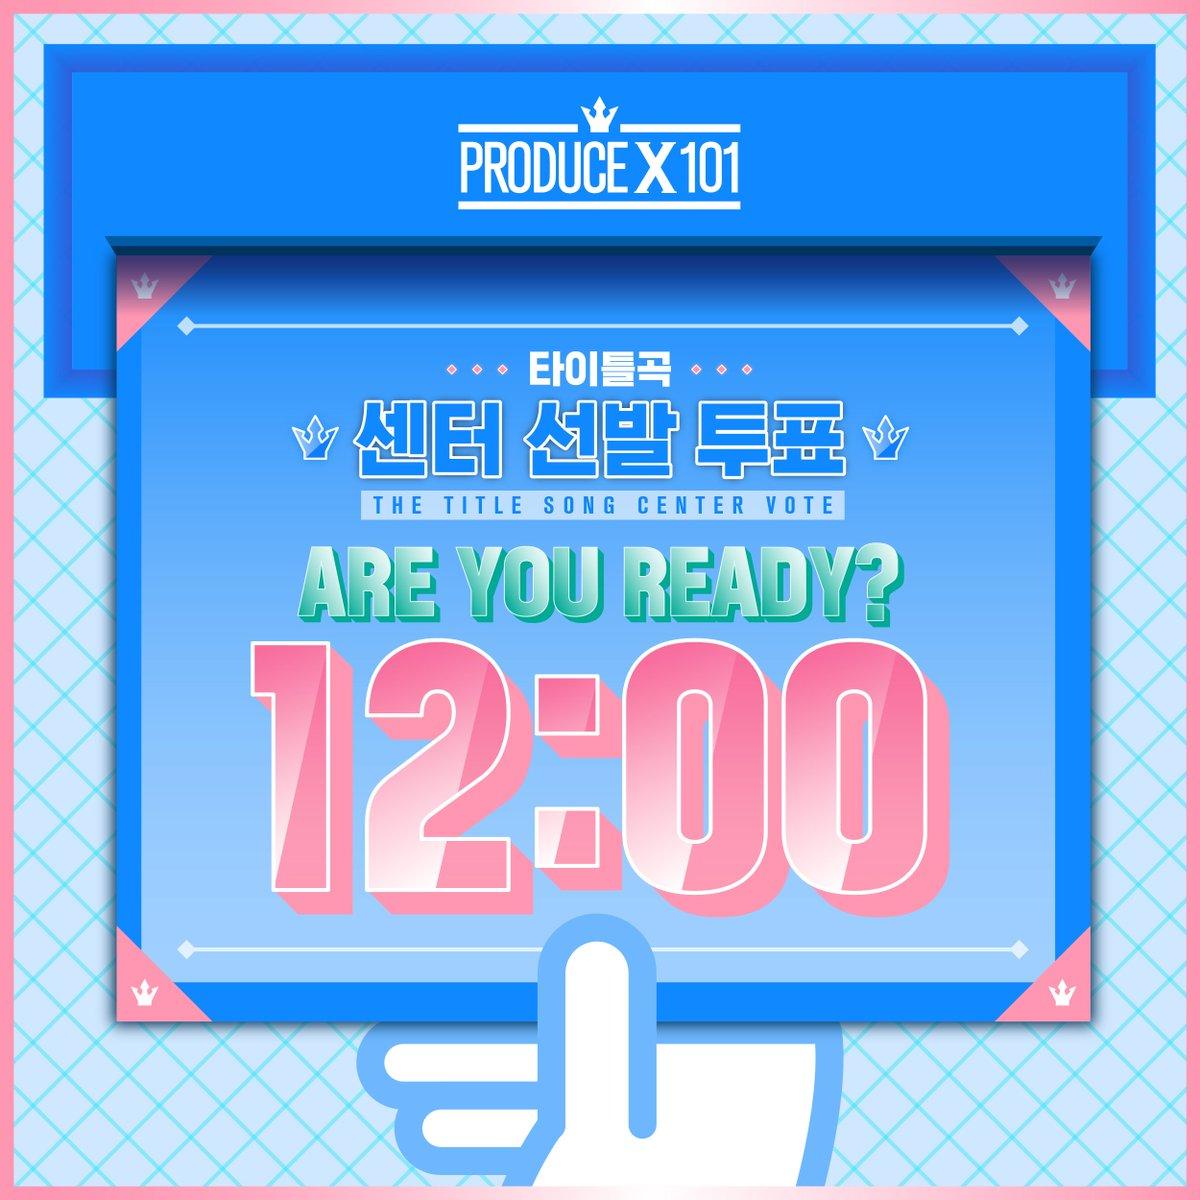 Mnet on Twitter: